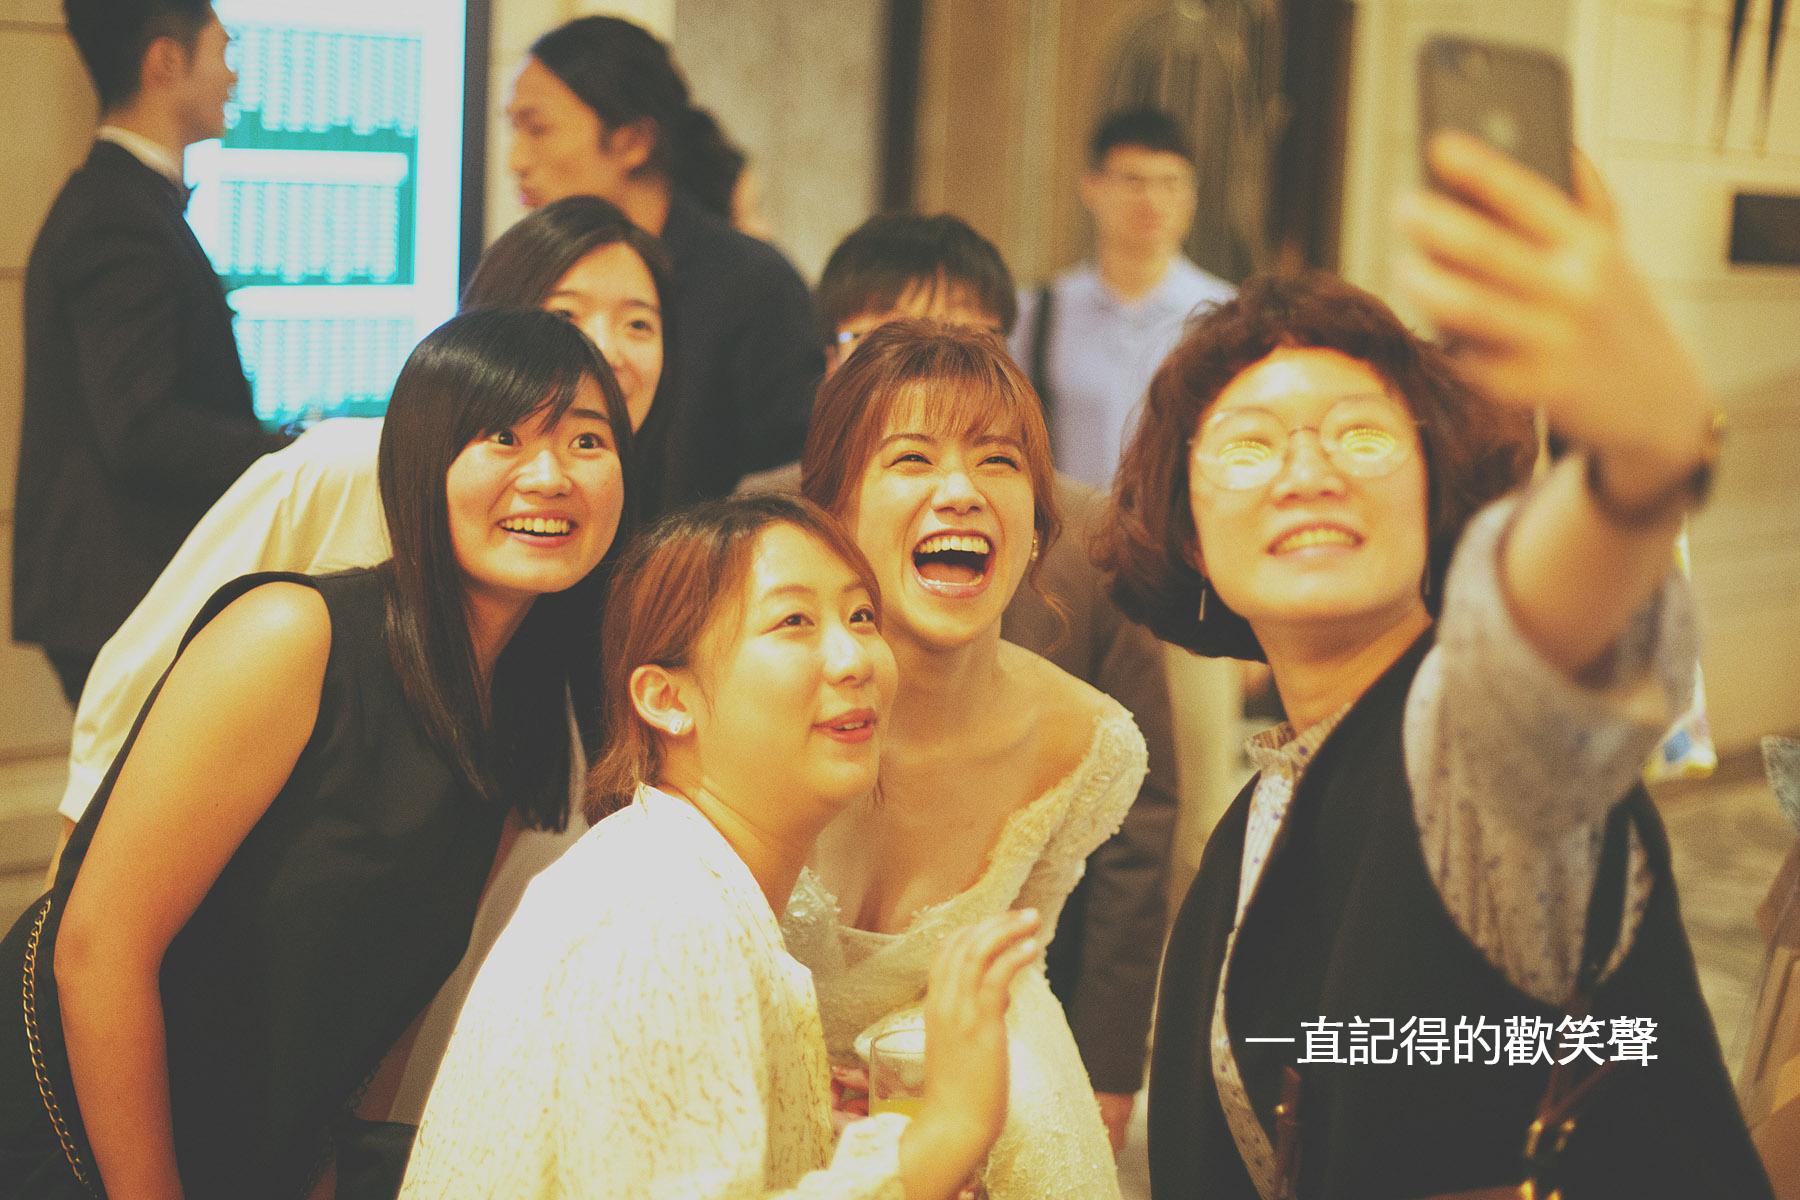 底片婚攝,婚禮攝影,婚禮攝影師推薦,台北,婚攝推薦,婚禮紀錄,歡笑,朋友